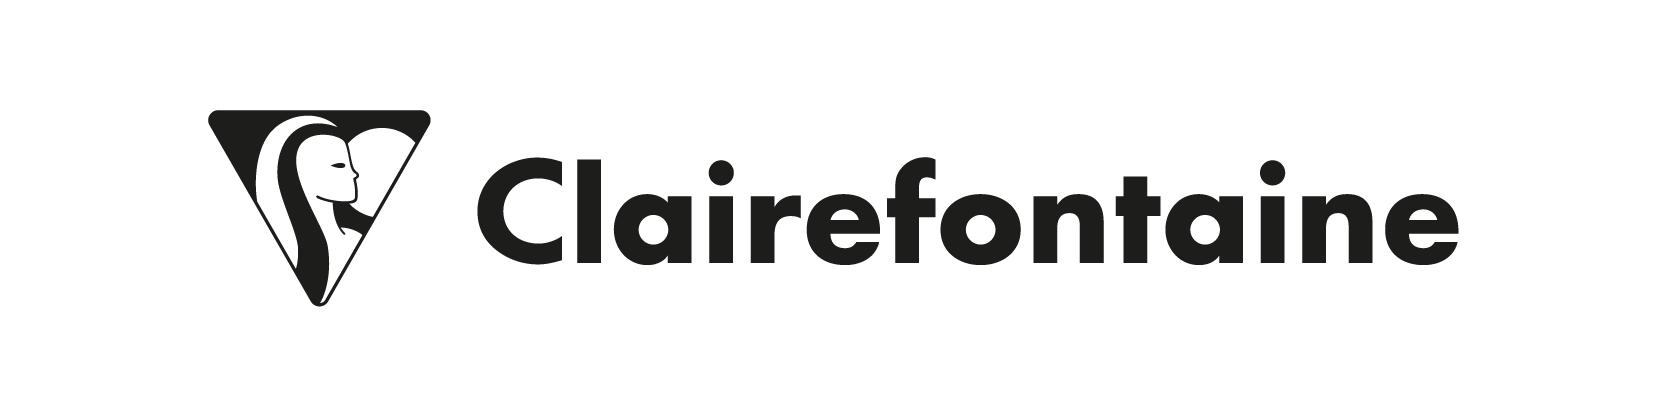 clairefontaine Logo - Lieferant unseres Bastelladen in Lohne